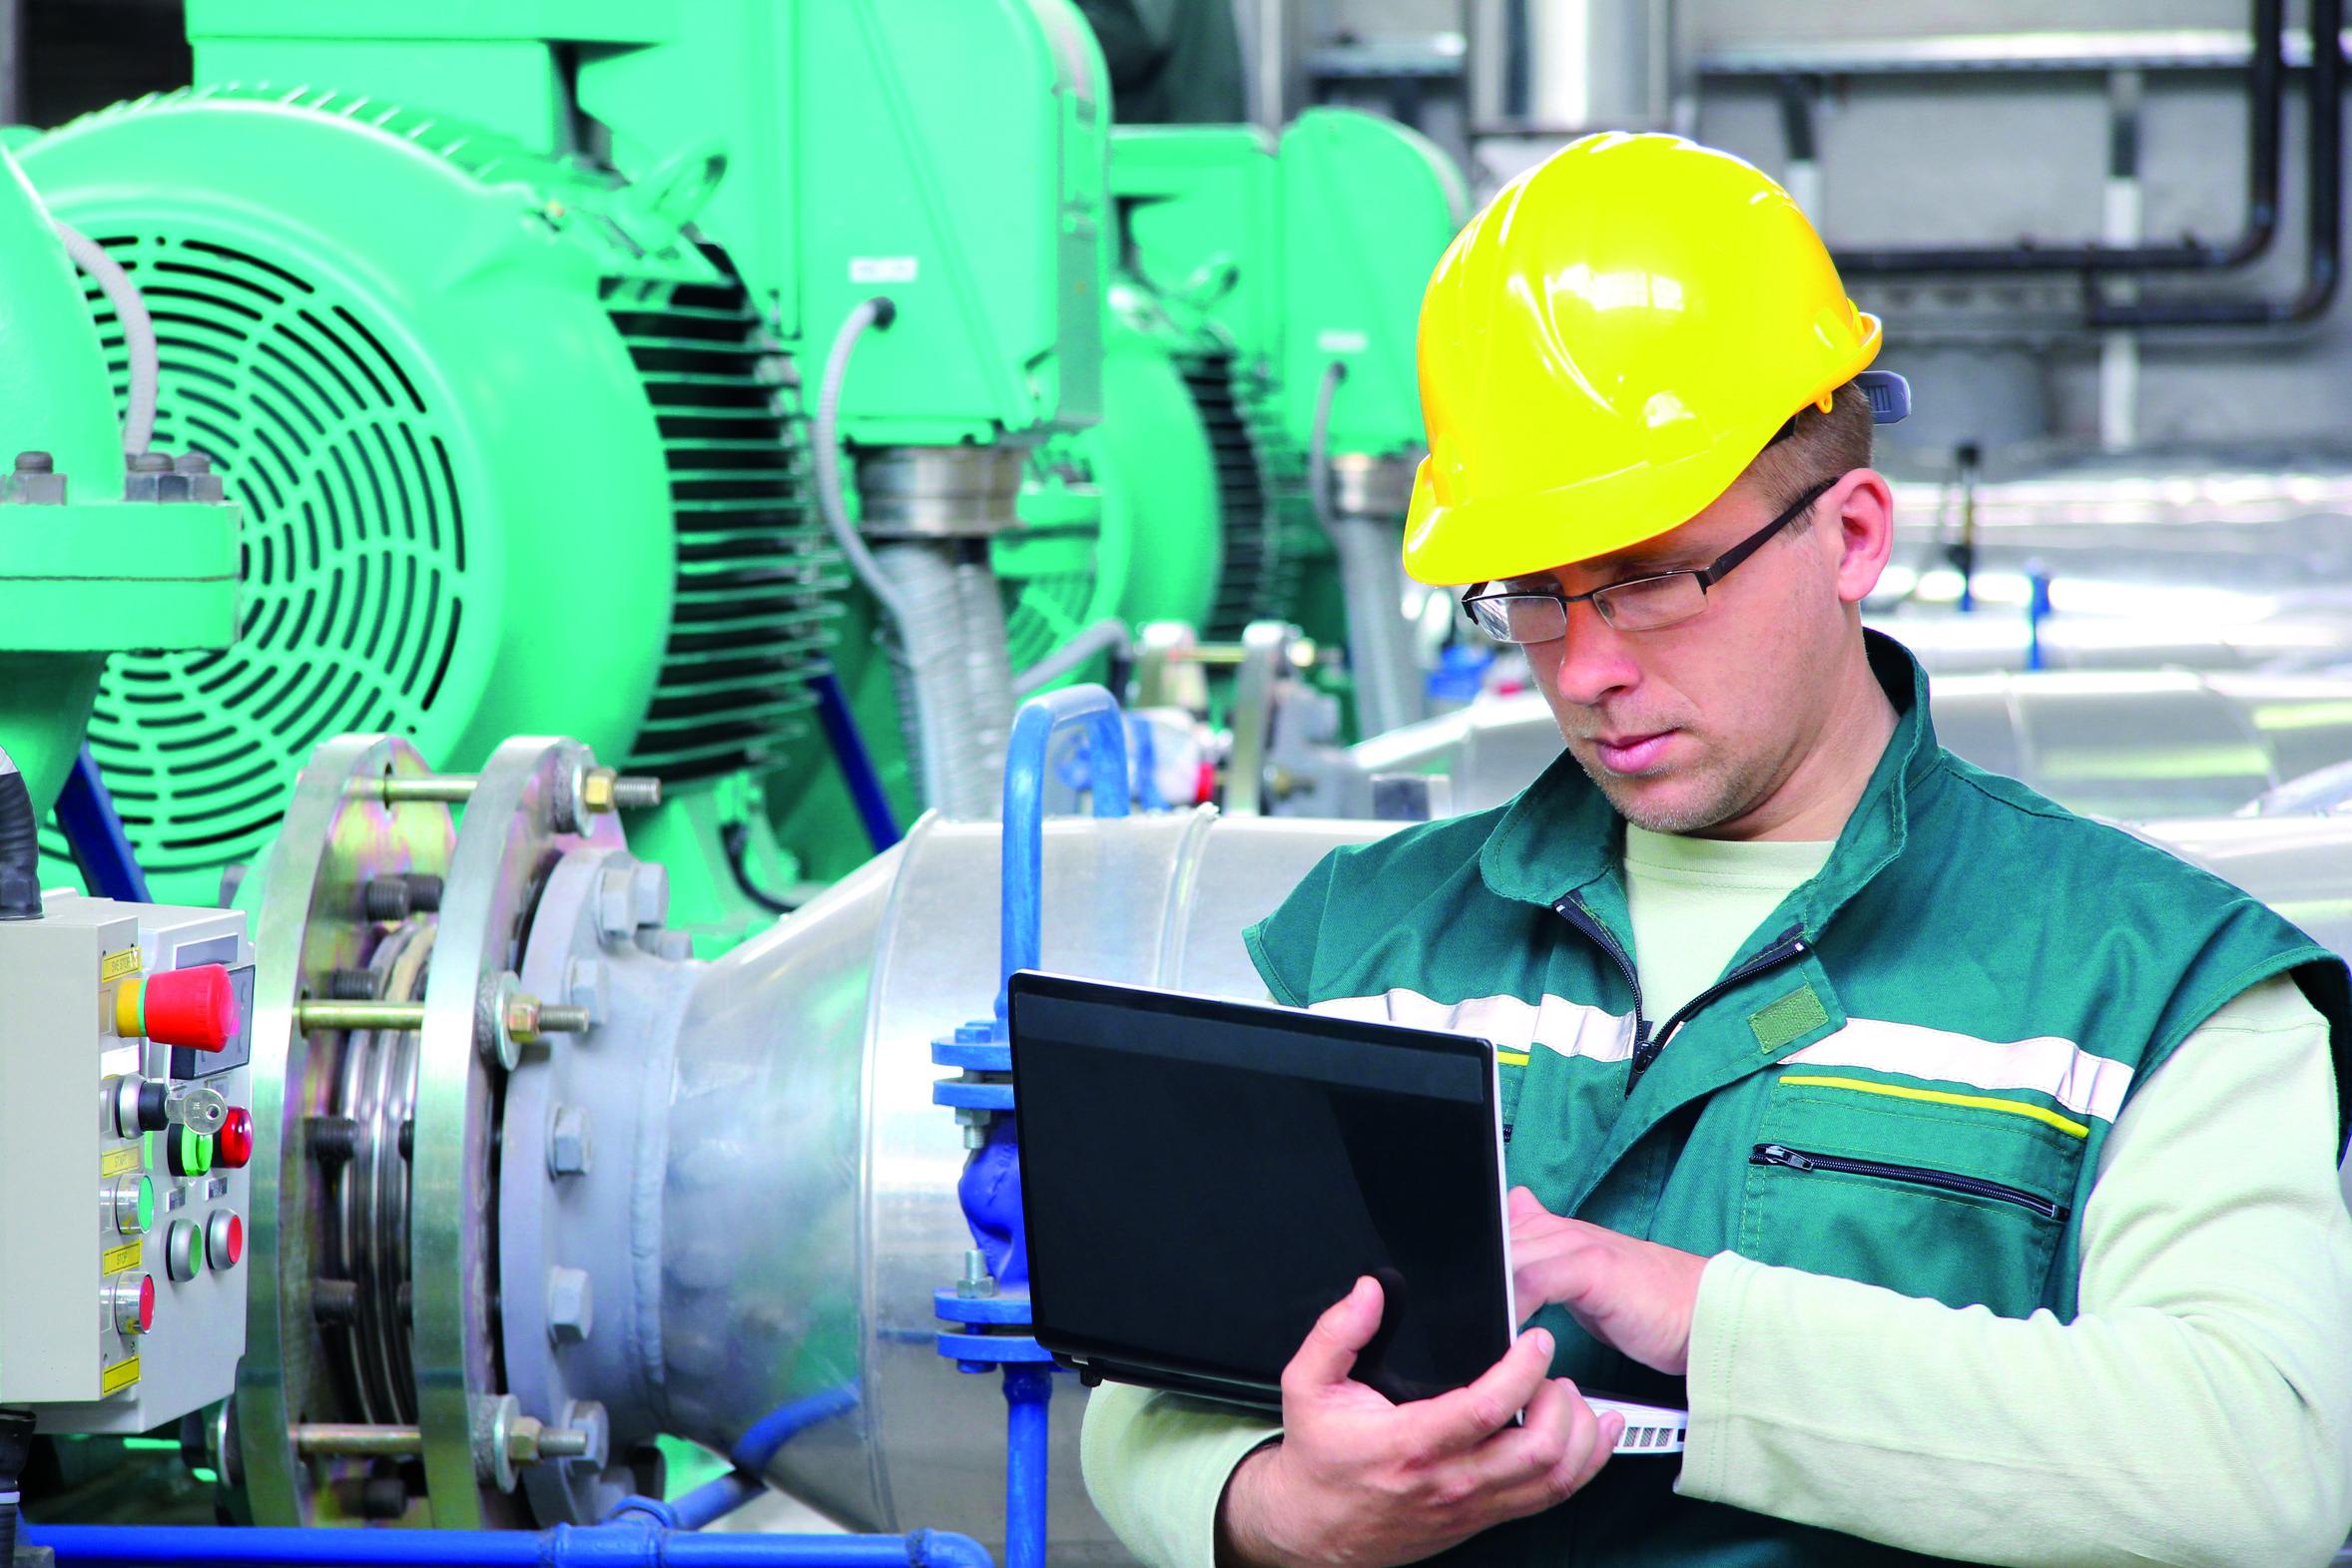 Corona-Pandemie gefährdet langfristig Ingenieurarbeitsmarkt